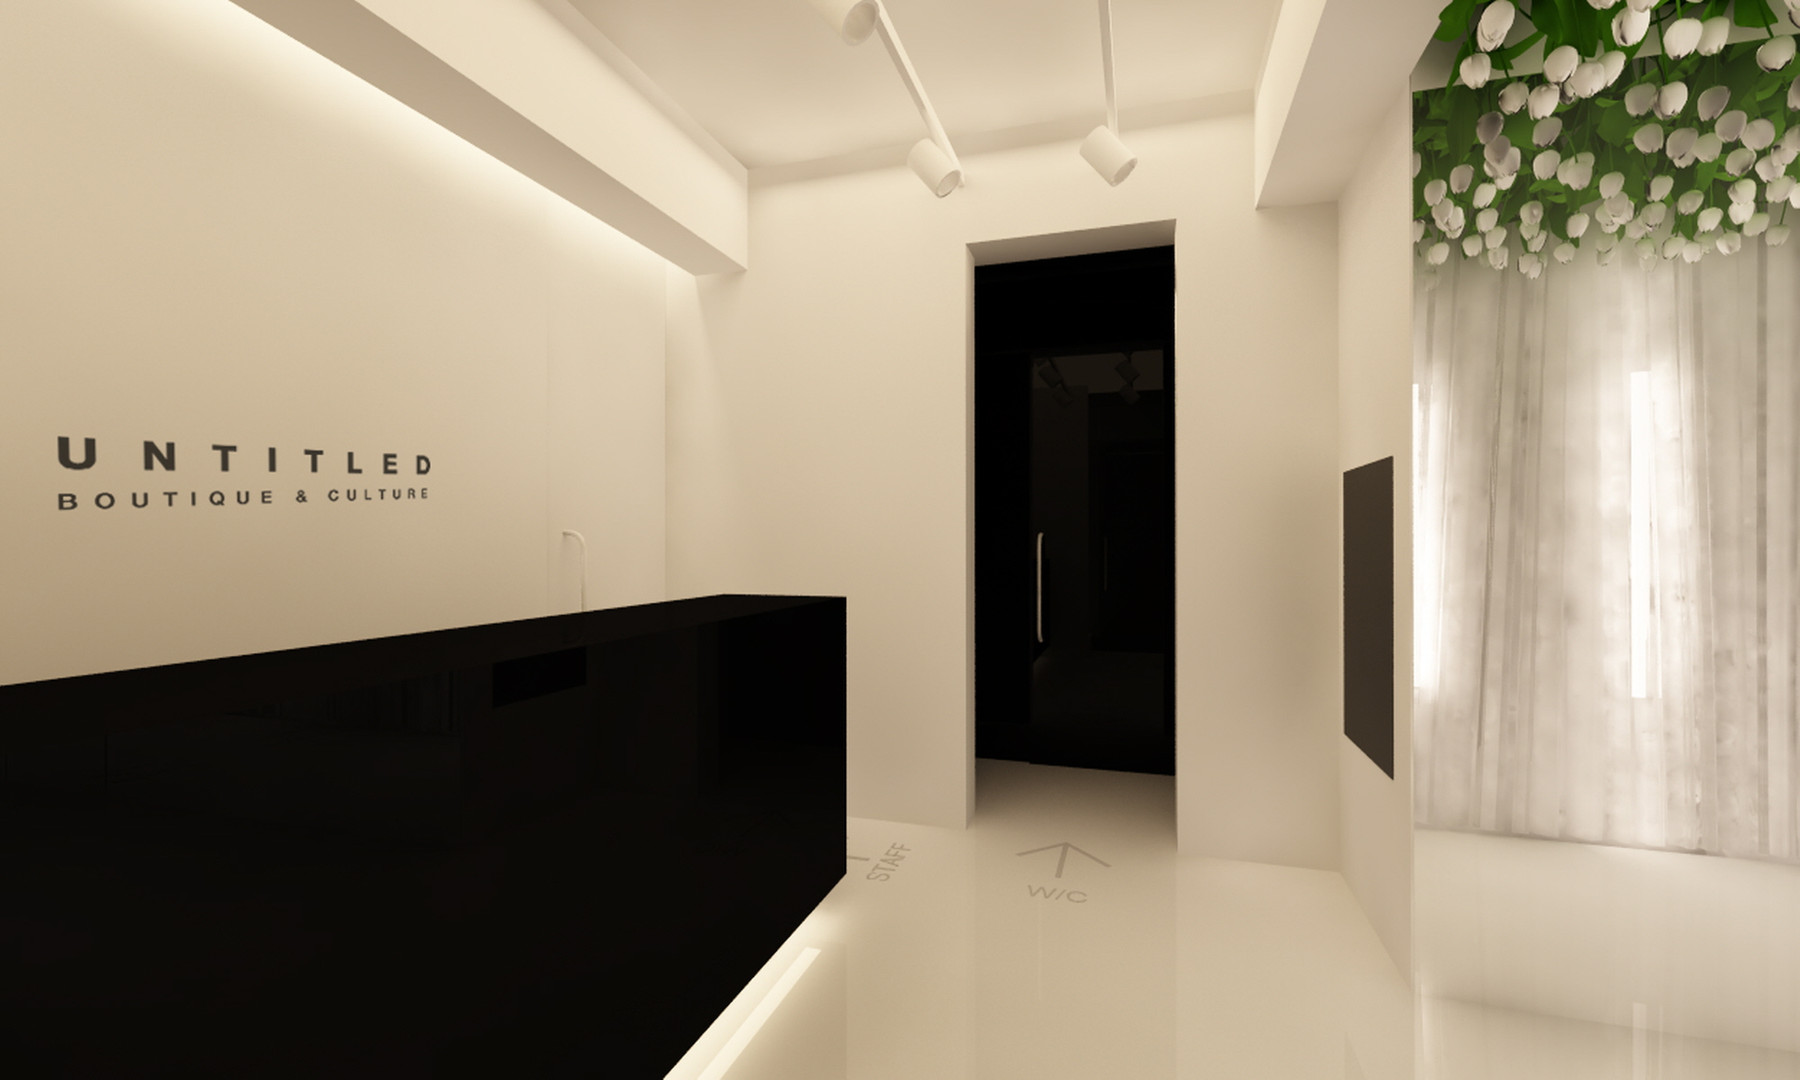 mootaa-untitled shop-004.jpg